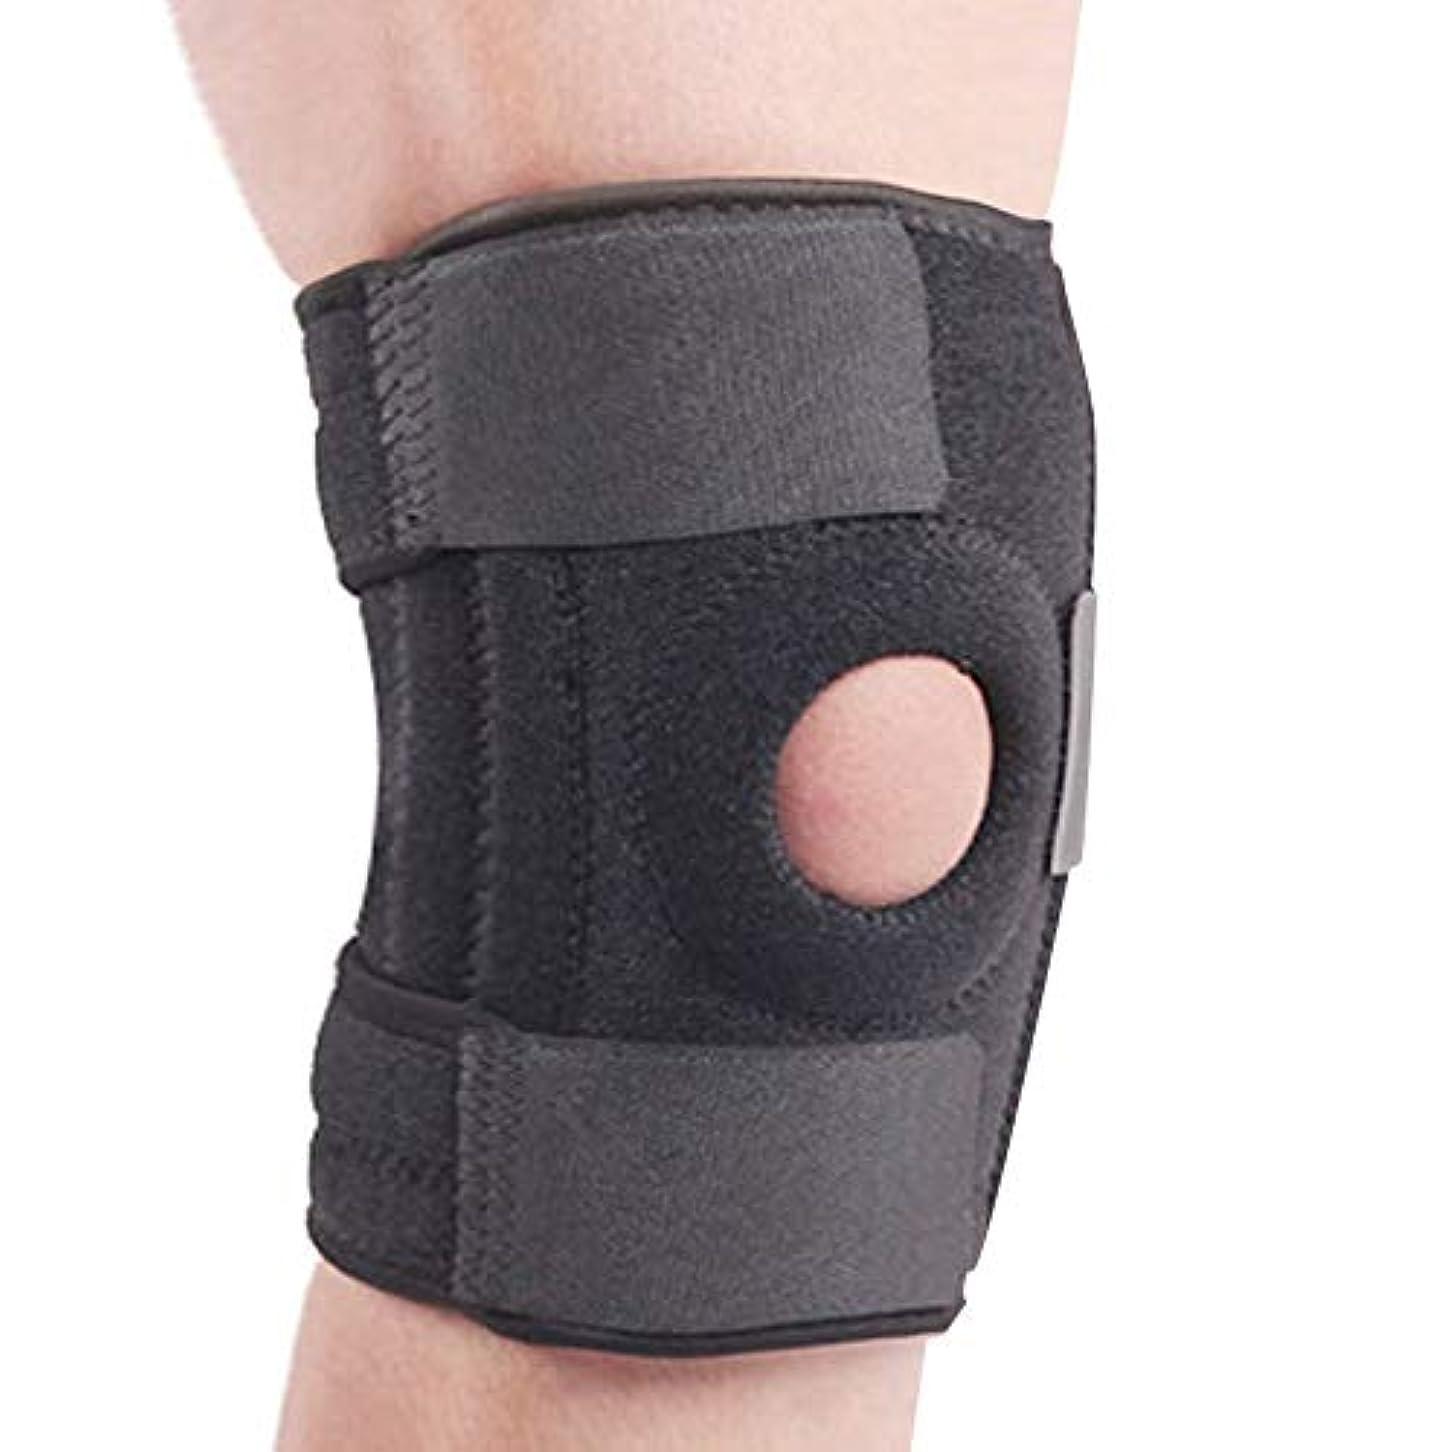 つぼみ保存するバックグラウンド膝サポーター スポーツ ひざ固定 怪我防止 膝保護 通気性 3点調整式 フリーサイズ 関節 1枚入 男女兼用